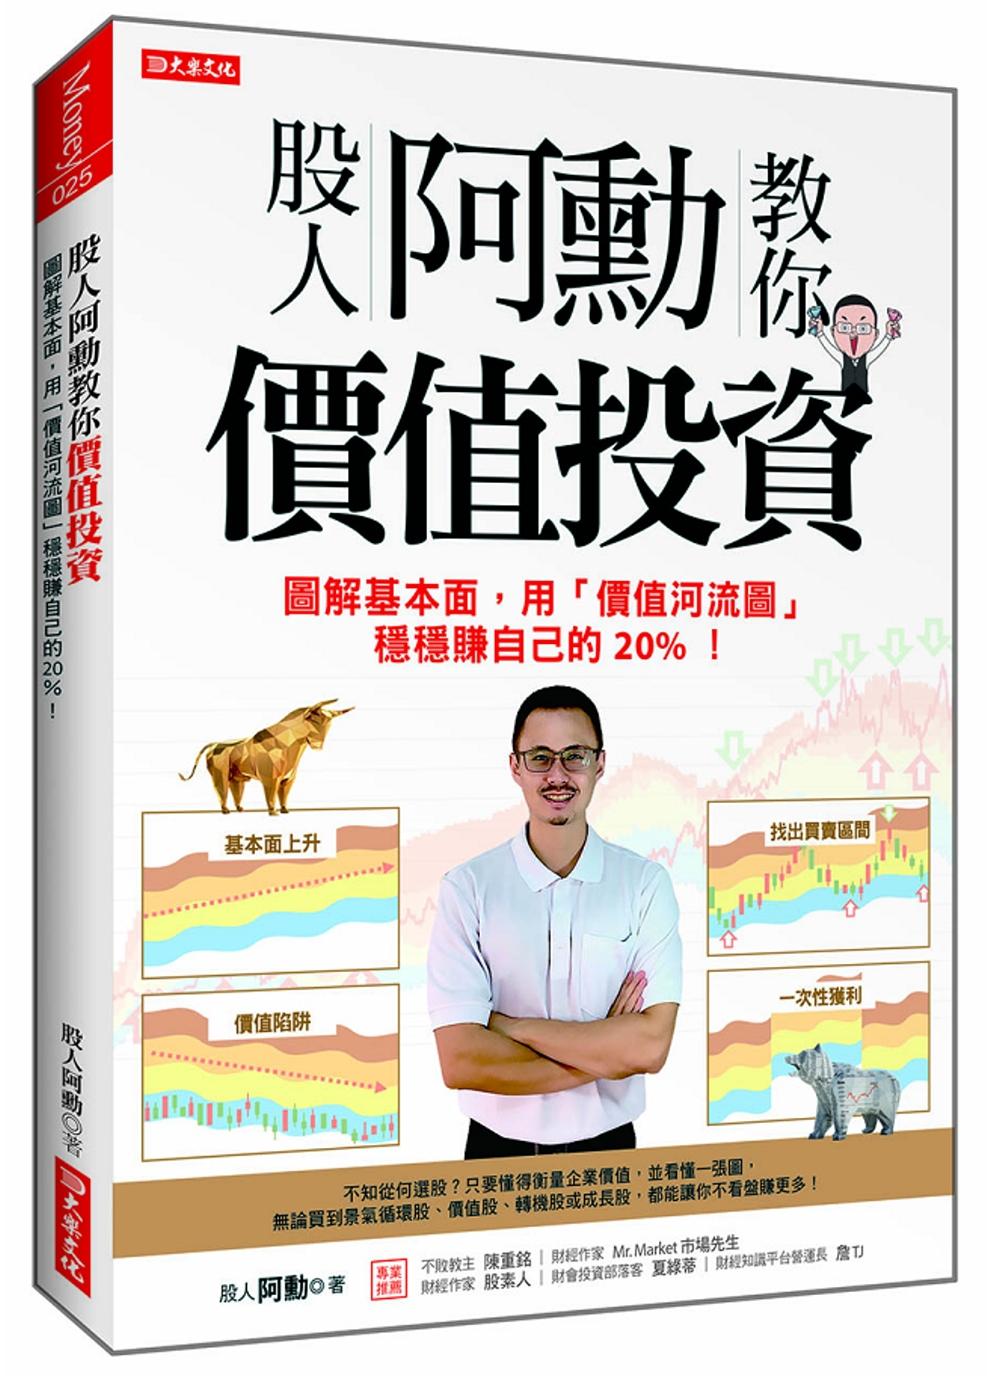 股人阿勳教你價值投資:圖解基本面,用「價值河流圖」穩穩賺自己的20%!